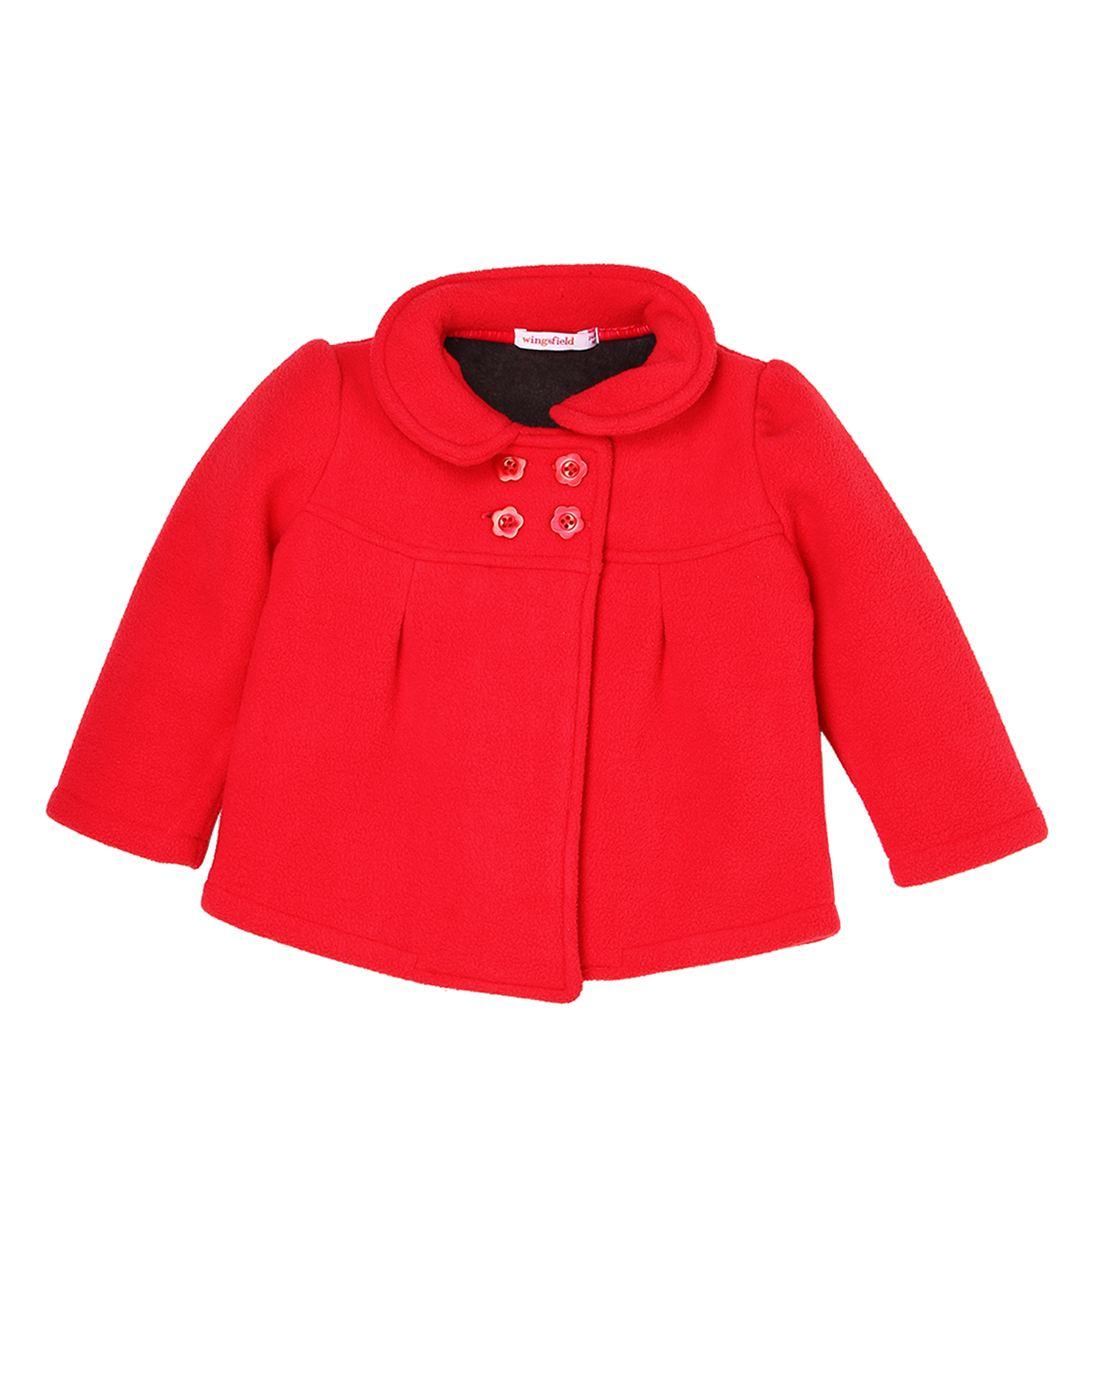 Wingsfield Red Baby Girl Winter Wear Coat